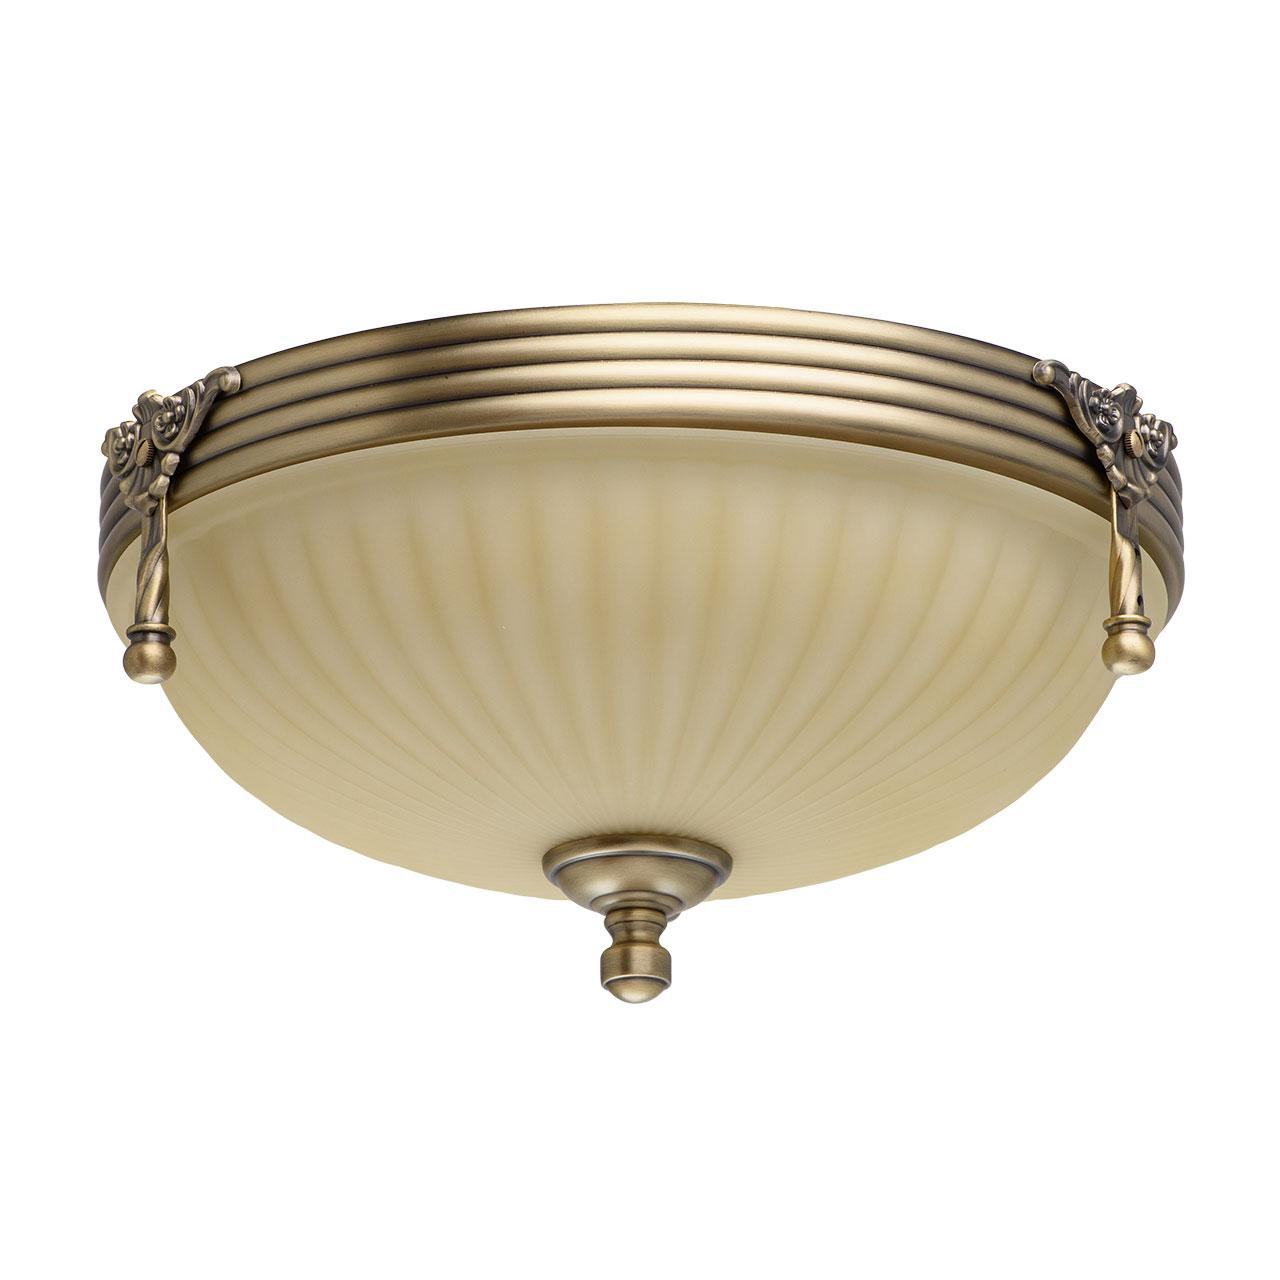 Люстра Mw lightЛюстры<br>Назначение светильника: для спальни,<br>Стиль светильника: классика,<br>Тип: подвесная,<br>Материал светильника: металл, стекло,<br>Материал плафона: стекло,<br>Материал арматуры: металл,<br>Длина (мм): 350,<br>Ширина: 350,<br>Высота: 150,<br>Количество ламп: 2,<br>Тип лампы: накаливания,<br>Мощность: 60,<br>Патрон: Е27,<br>Цвет арматуры: бронза,<br>Коллекция: Афродита<br>